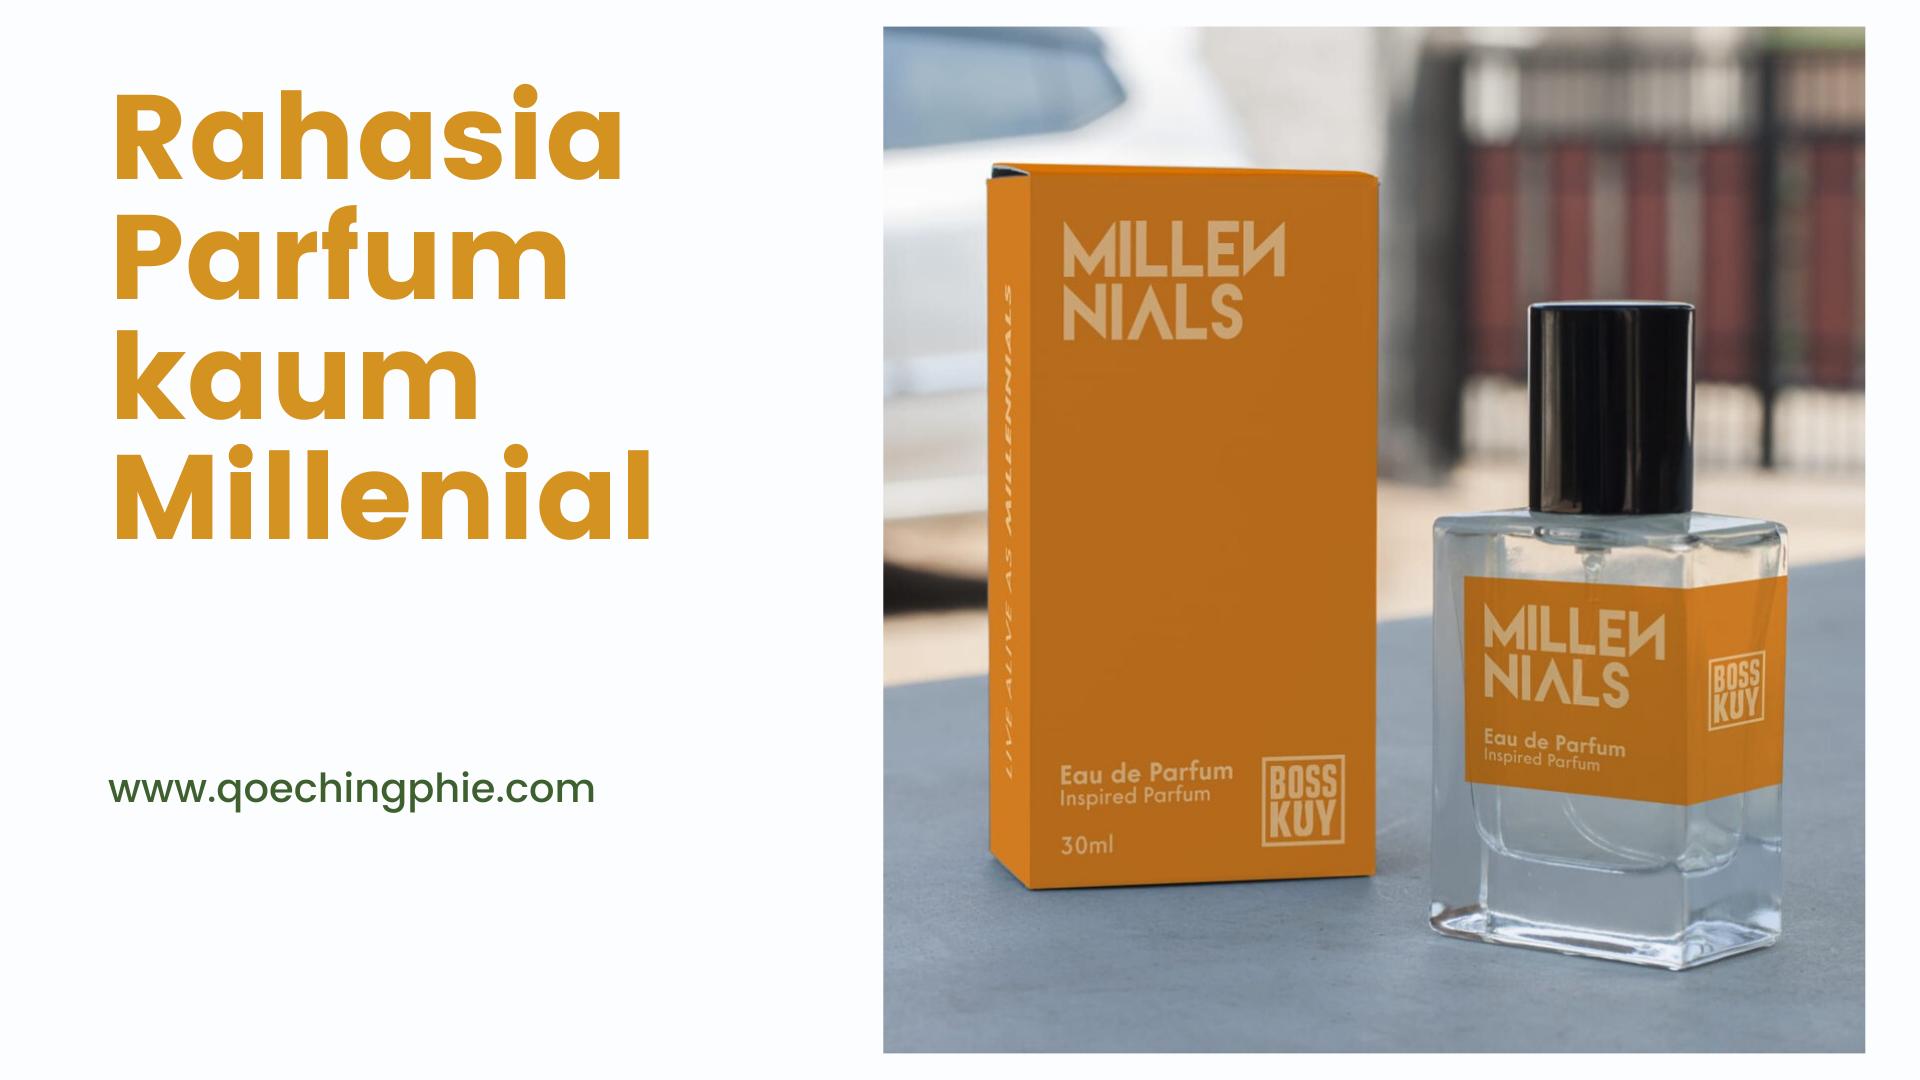 Rahasia Parfum  Tahan Lama kaum Milenials